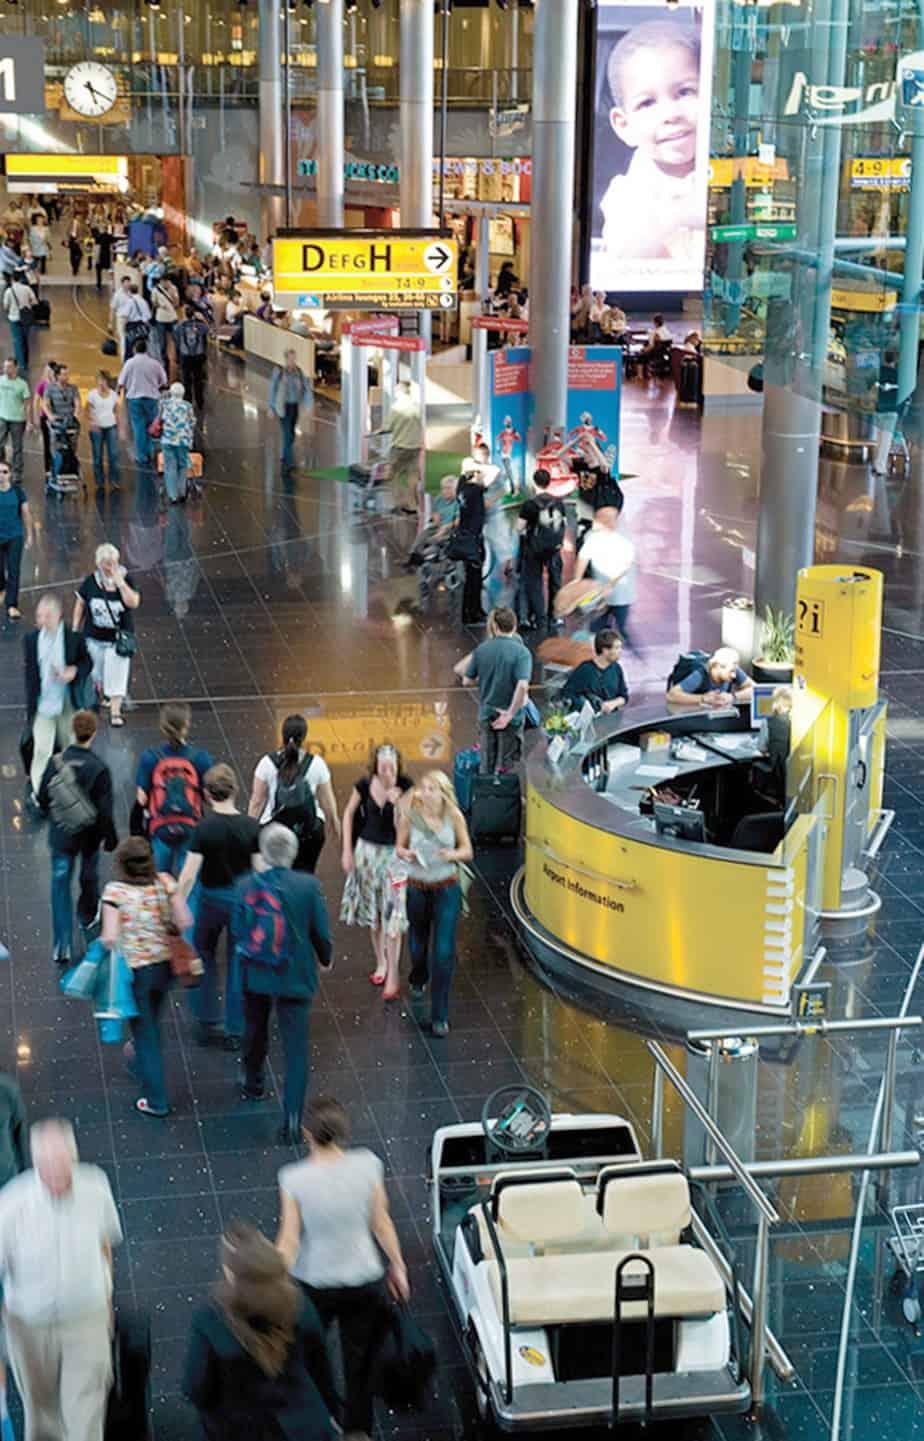 L'aeroporto di Amsterdam Schiphol